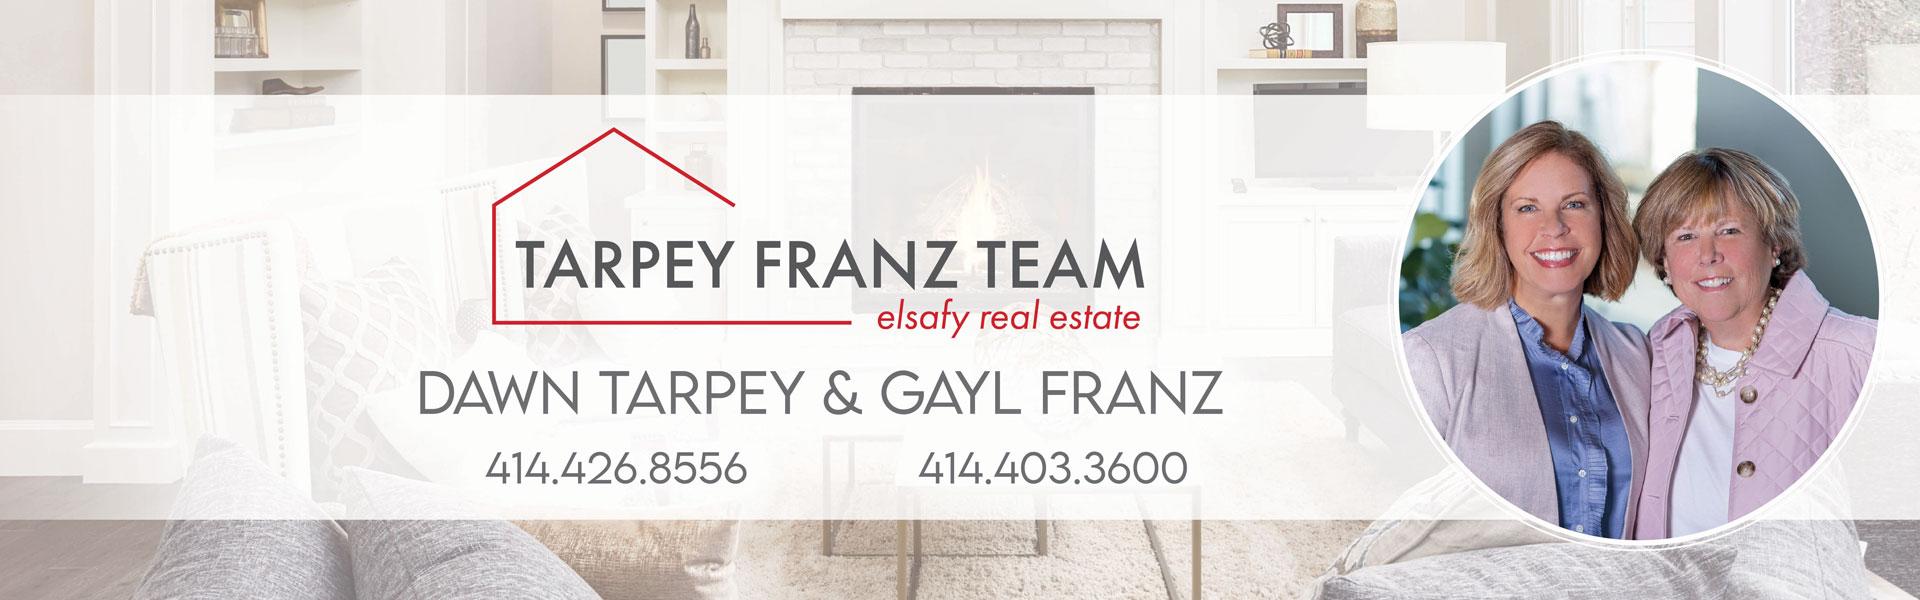 Tarpey Franz Team